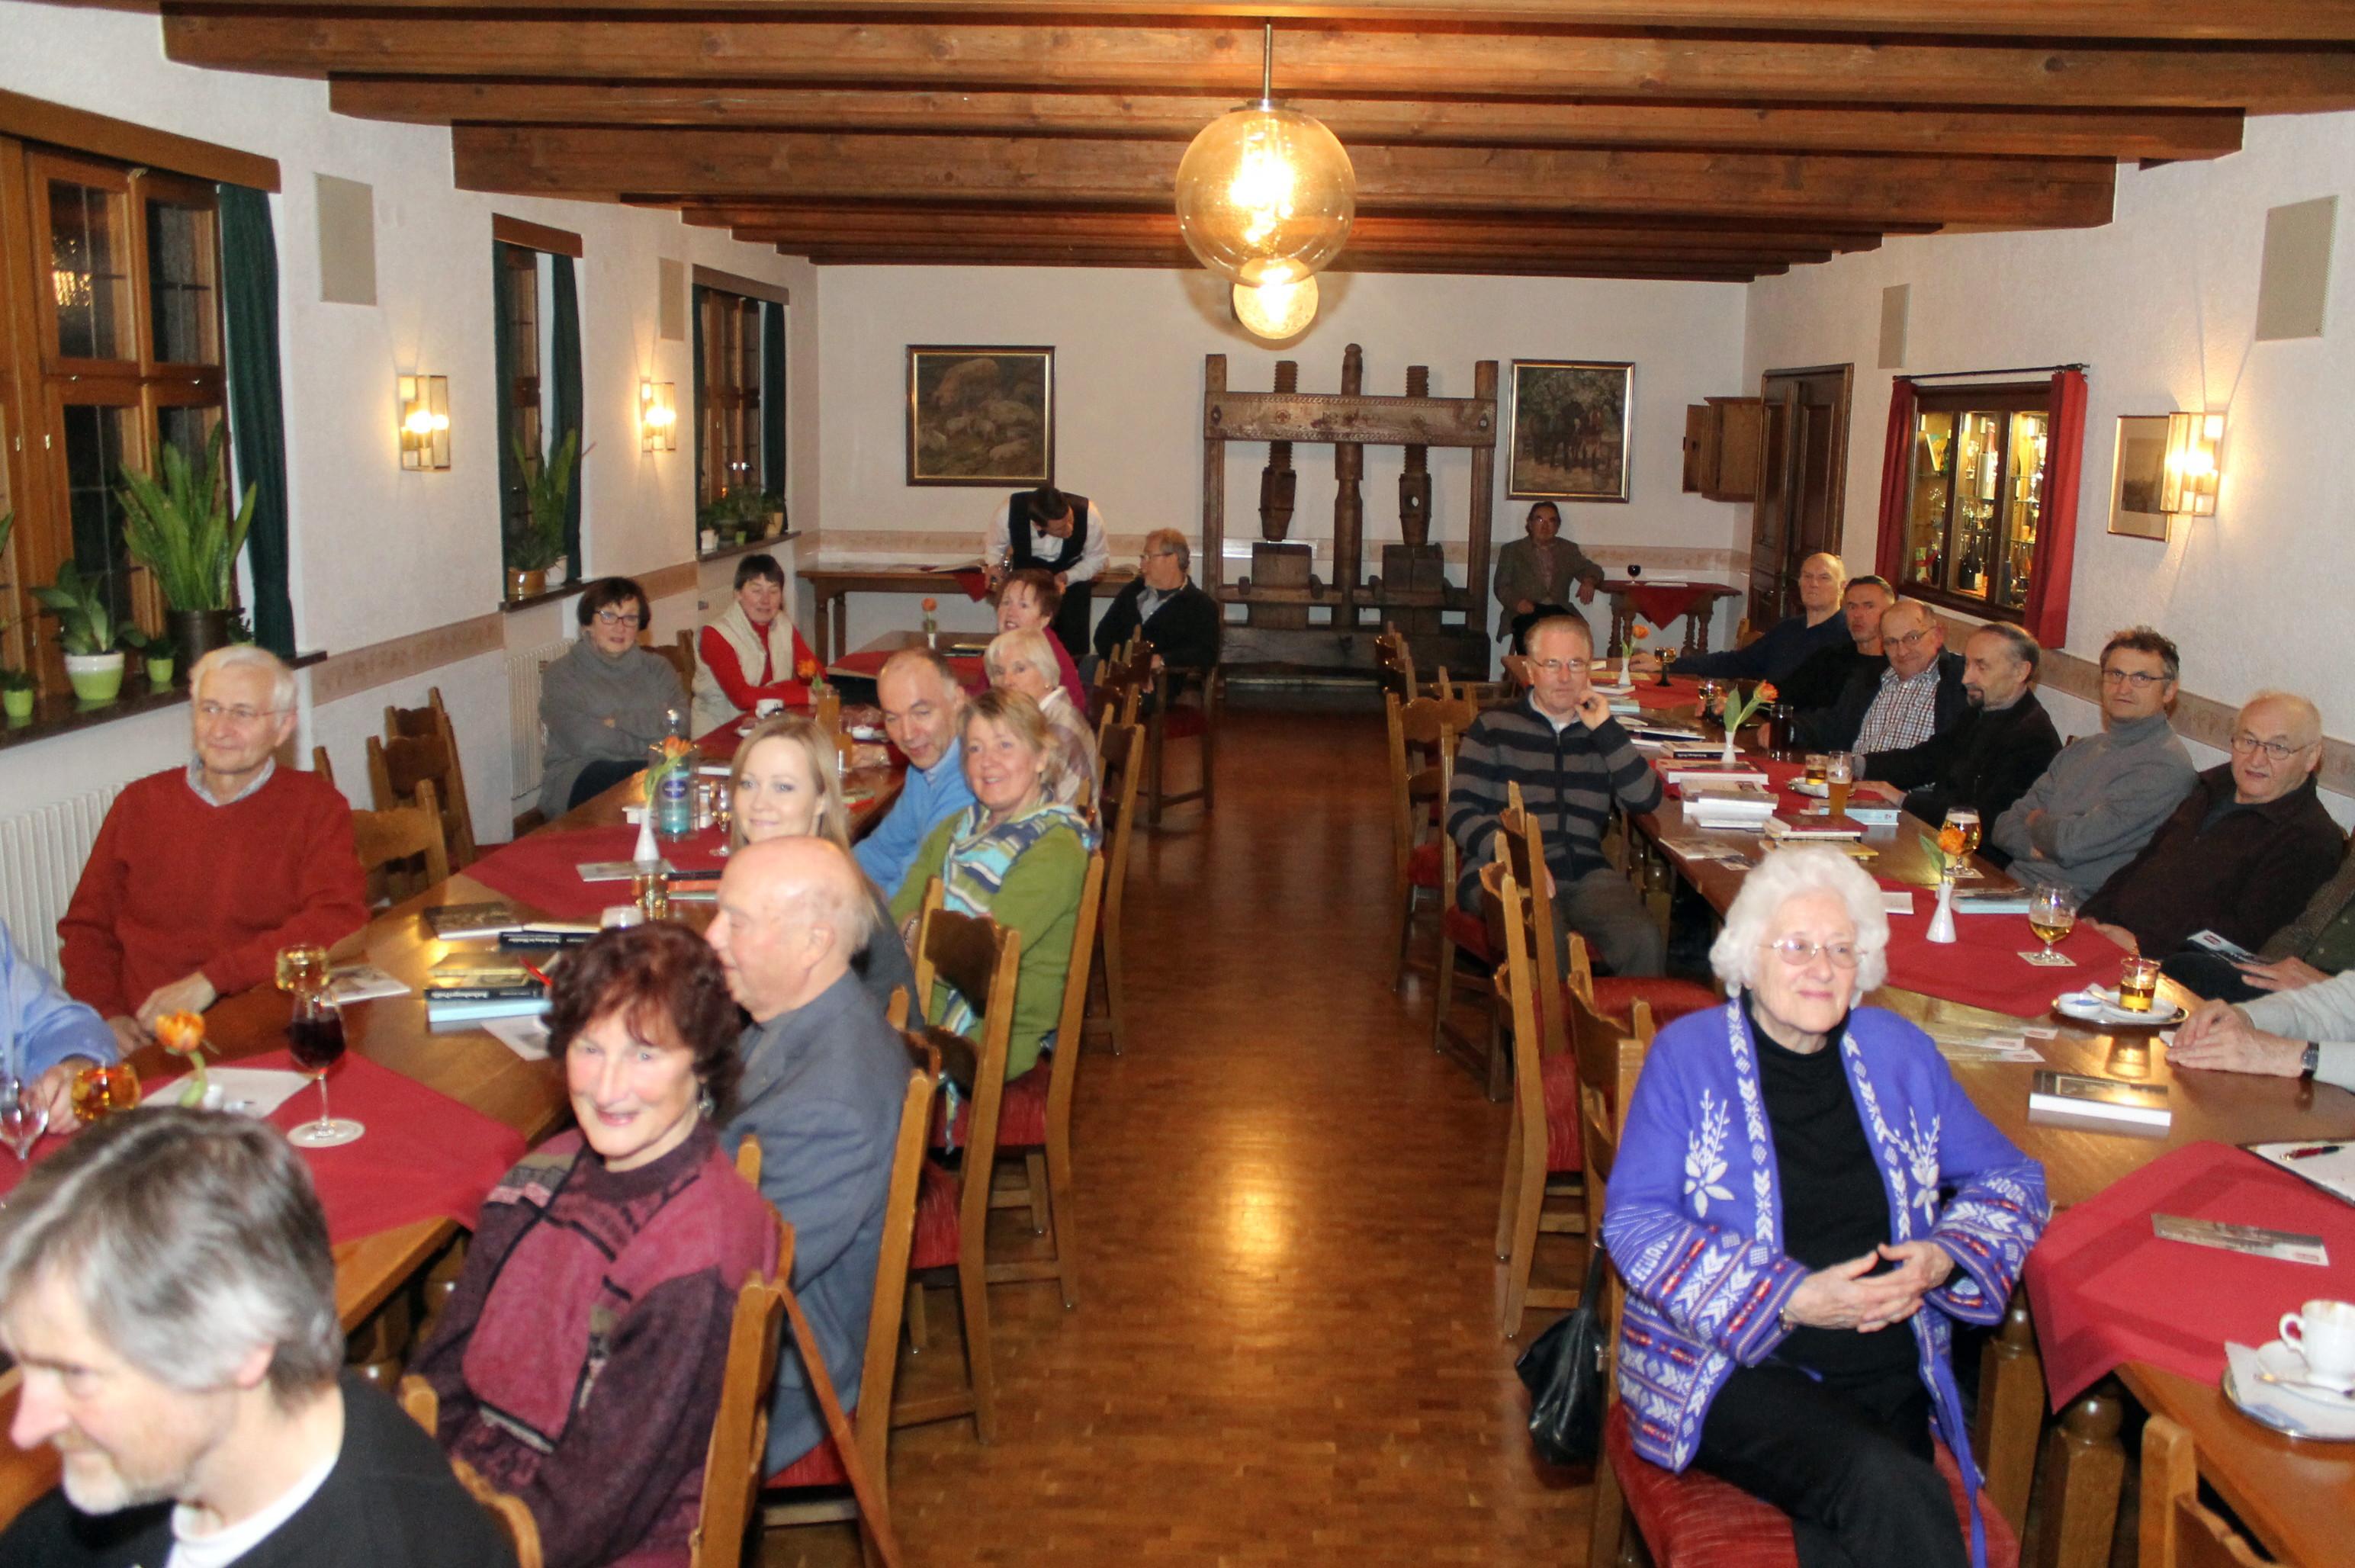 VAR - Vortrag Kloster Lorsch - 02_2016_JoE_005